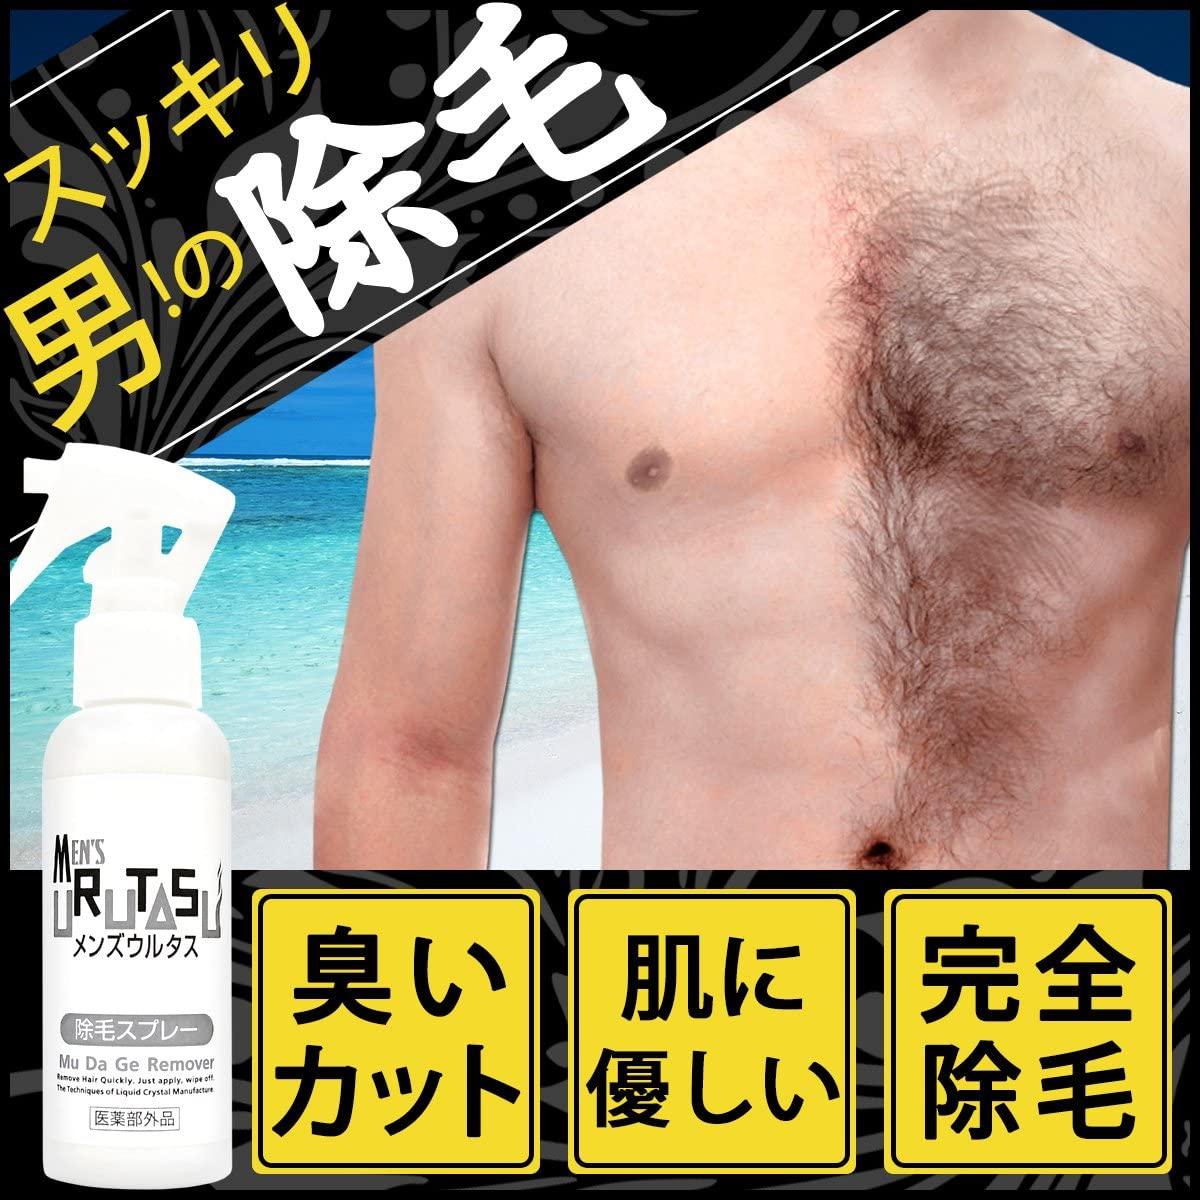 Men's URUTAS(メンズウルタス)除毛スプレーの商品画像2